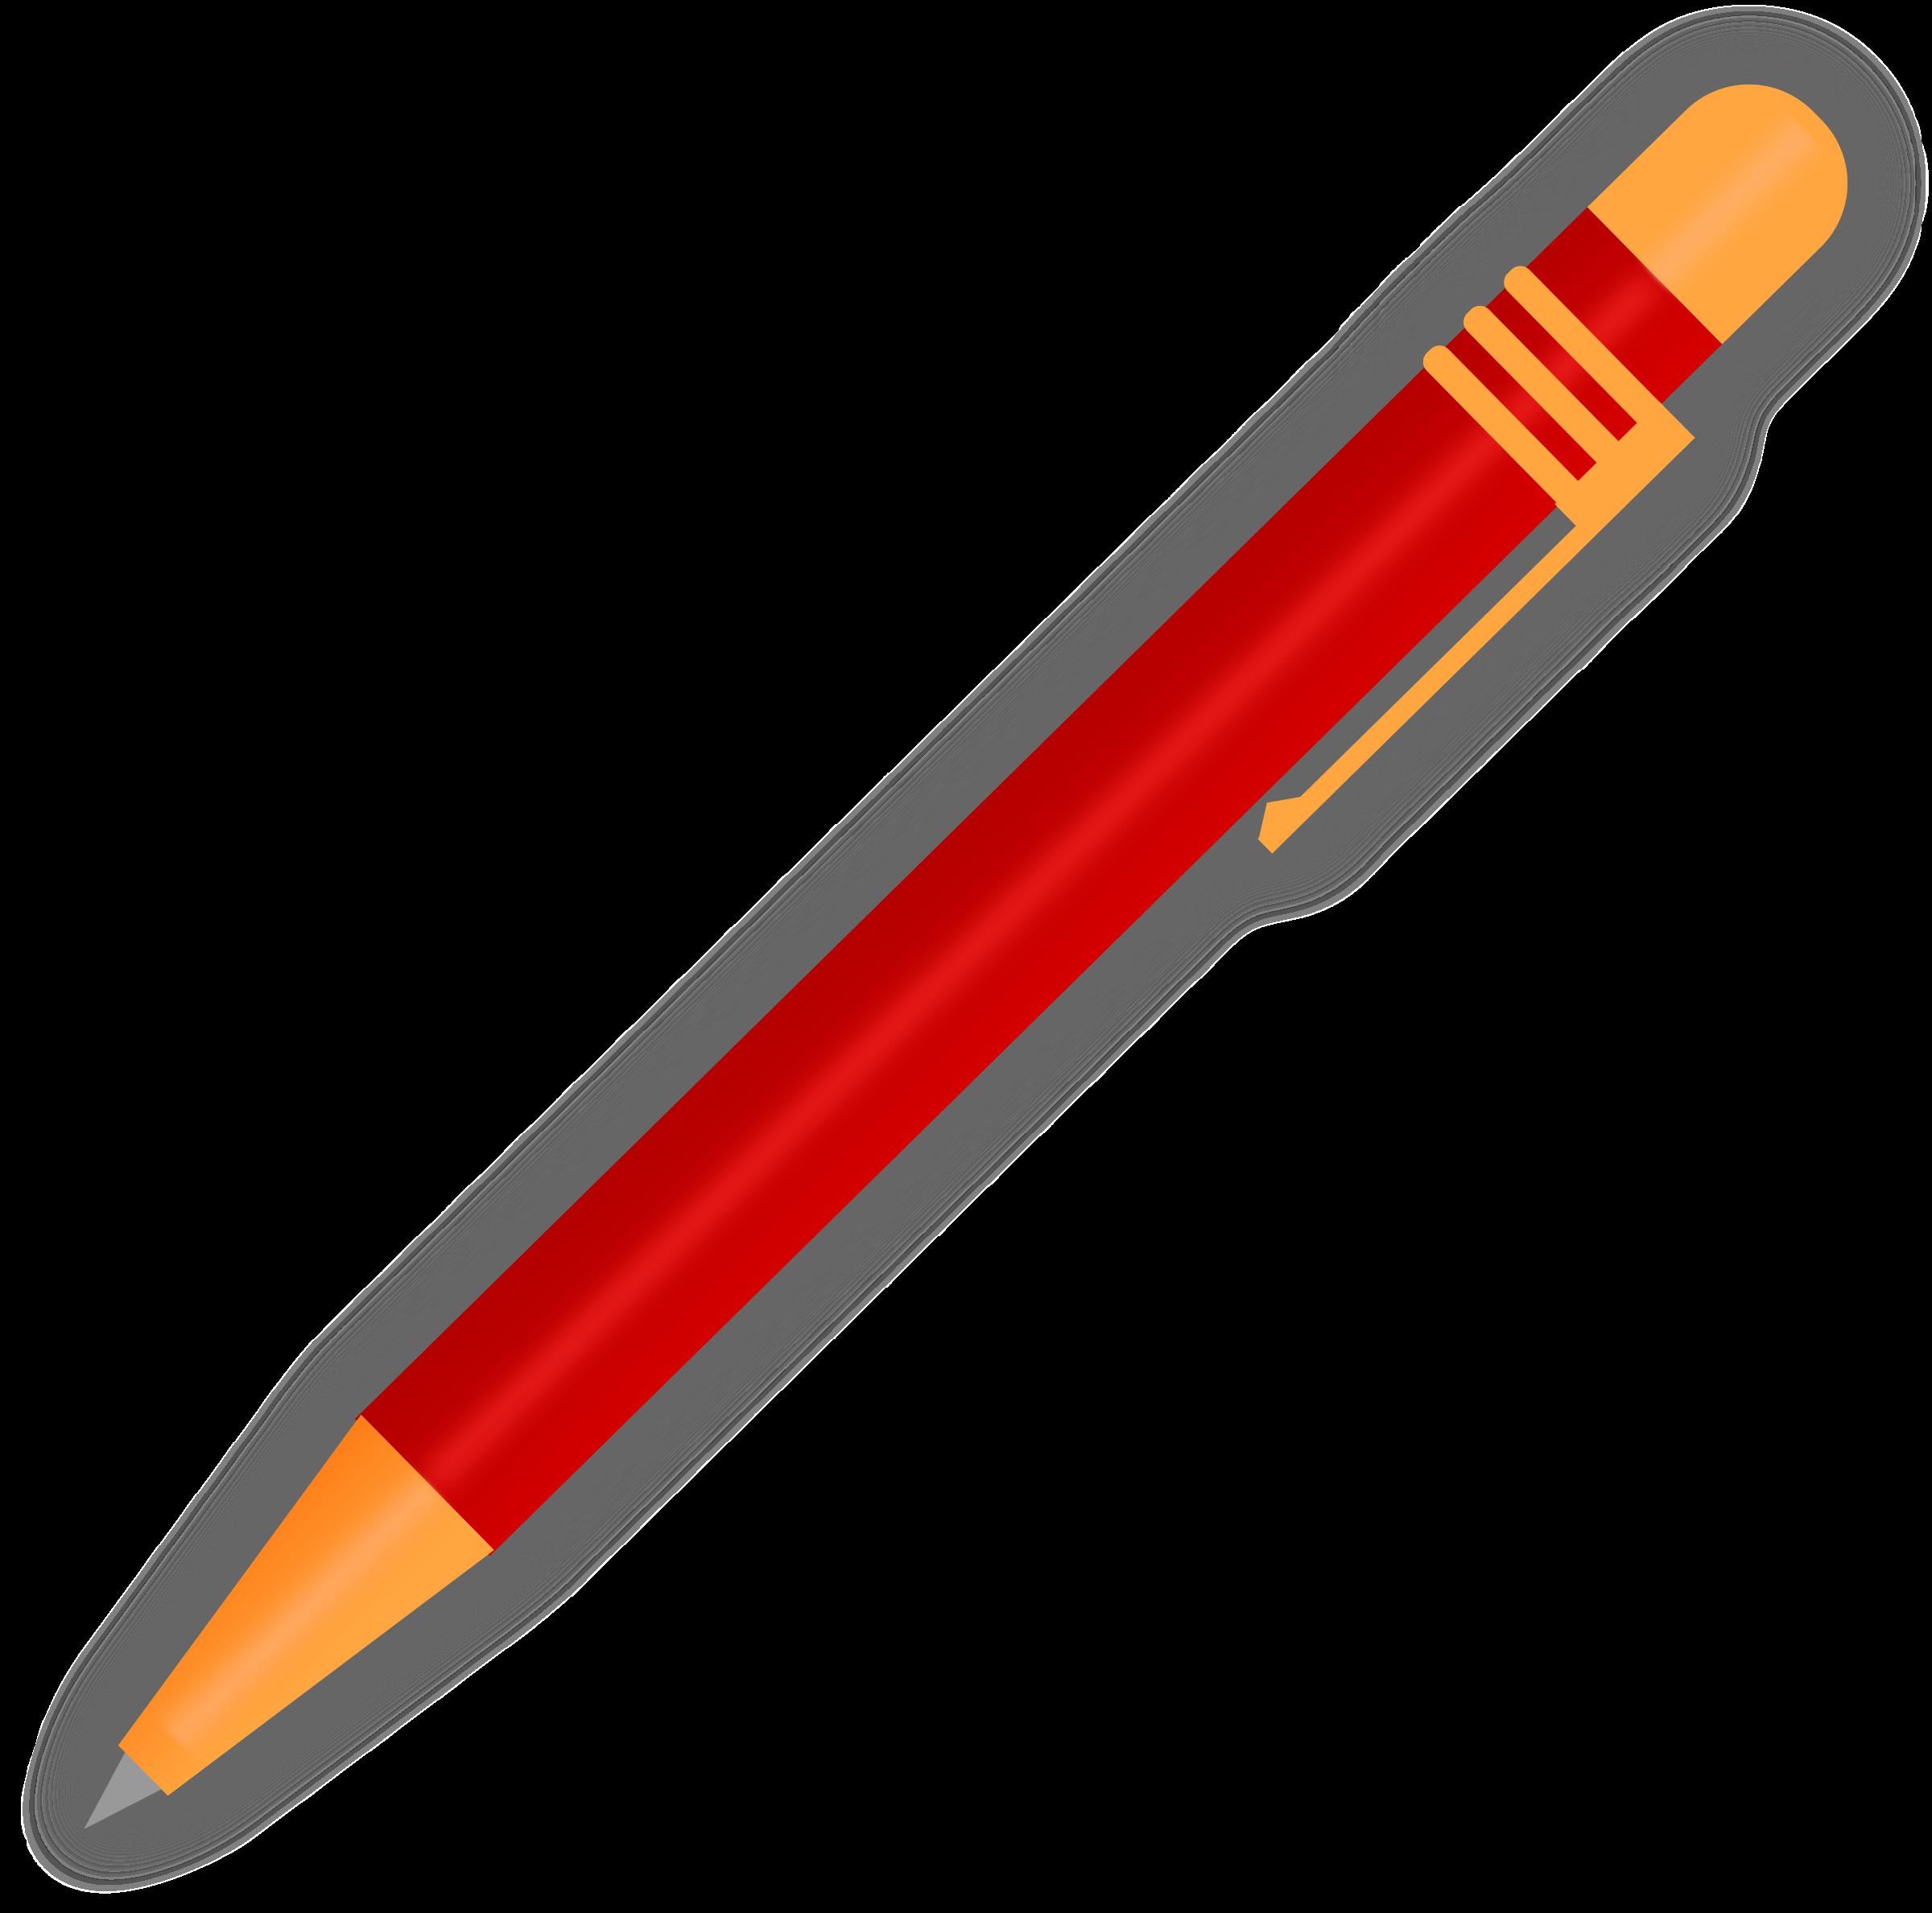 Ballpoint big image png. Pen clipart ballpen